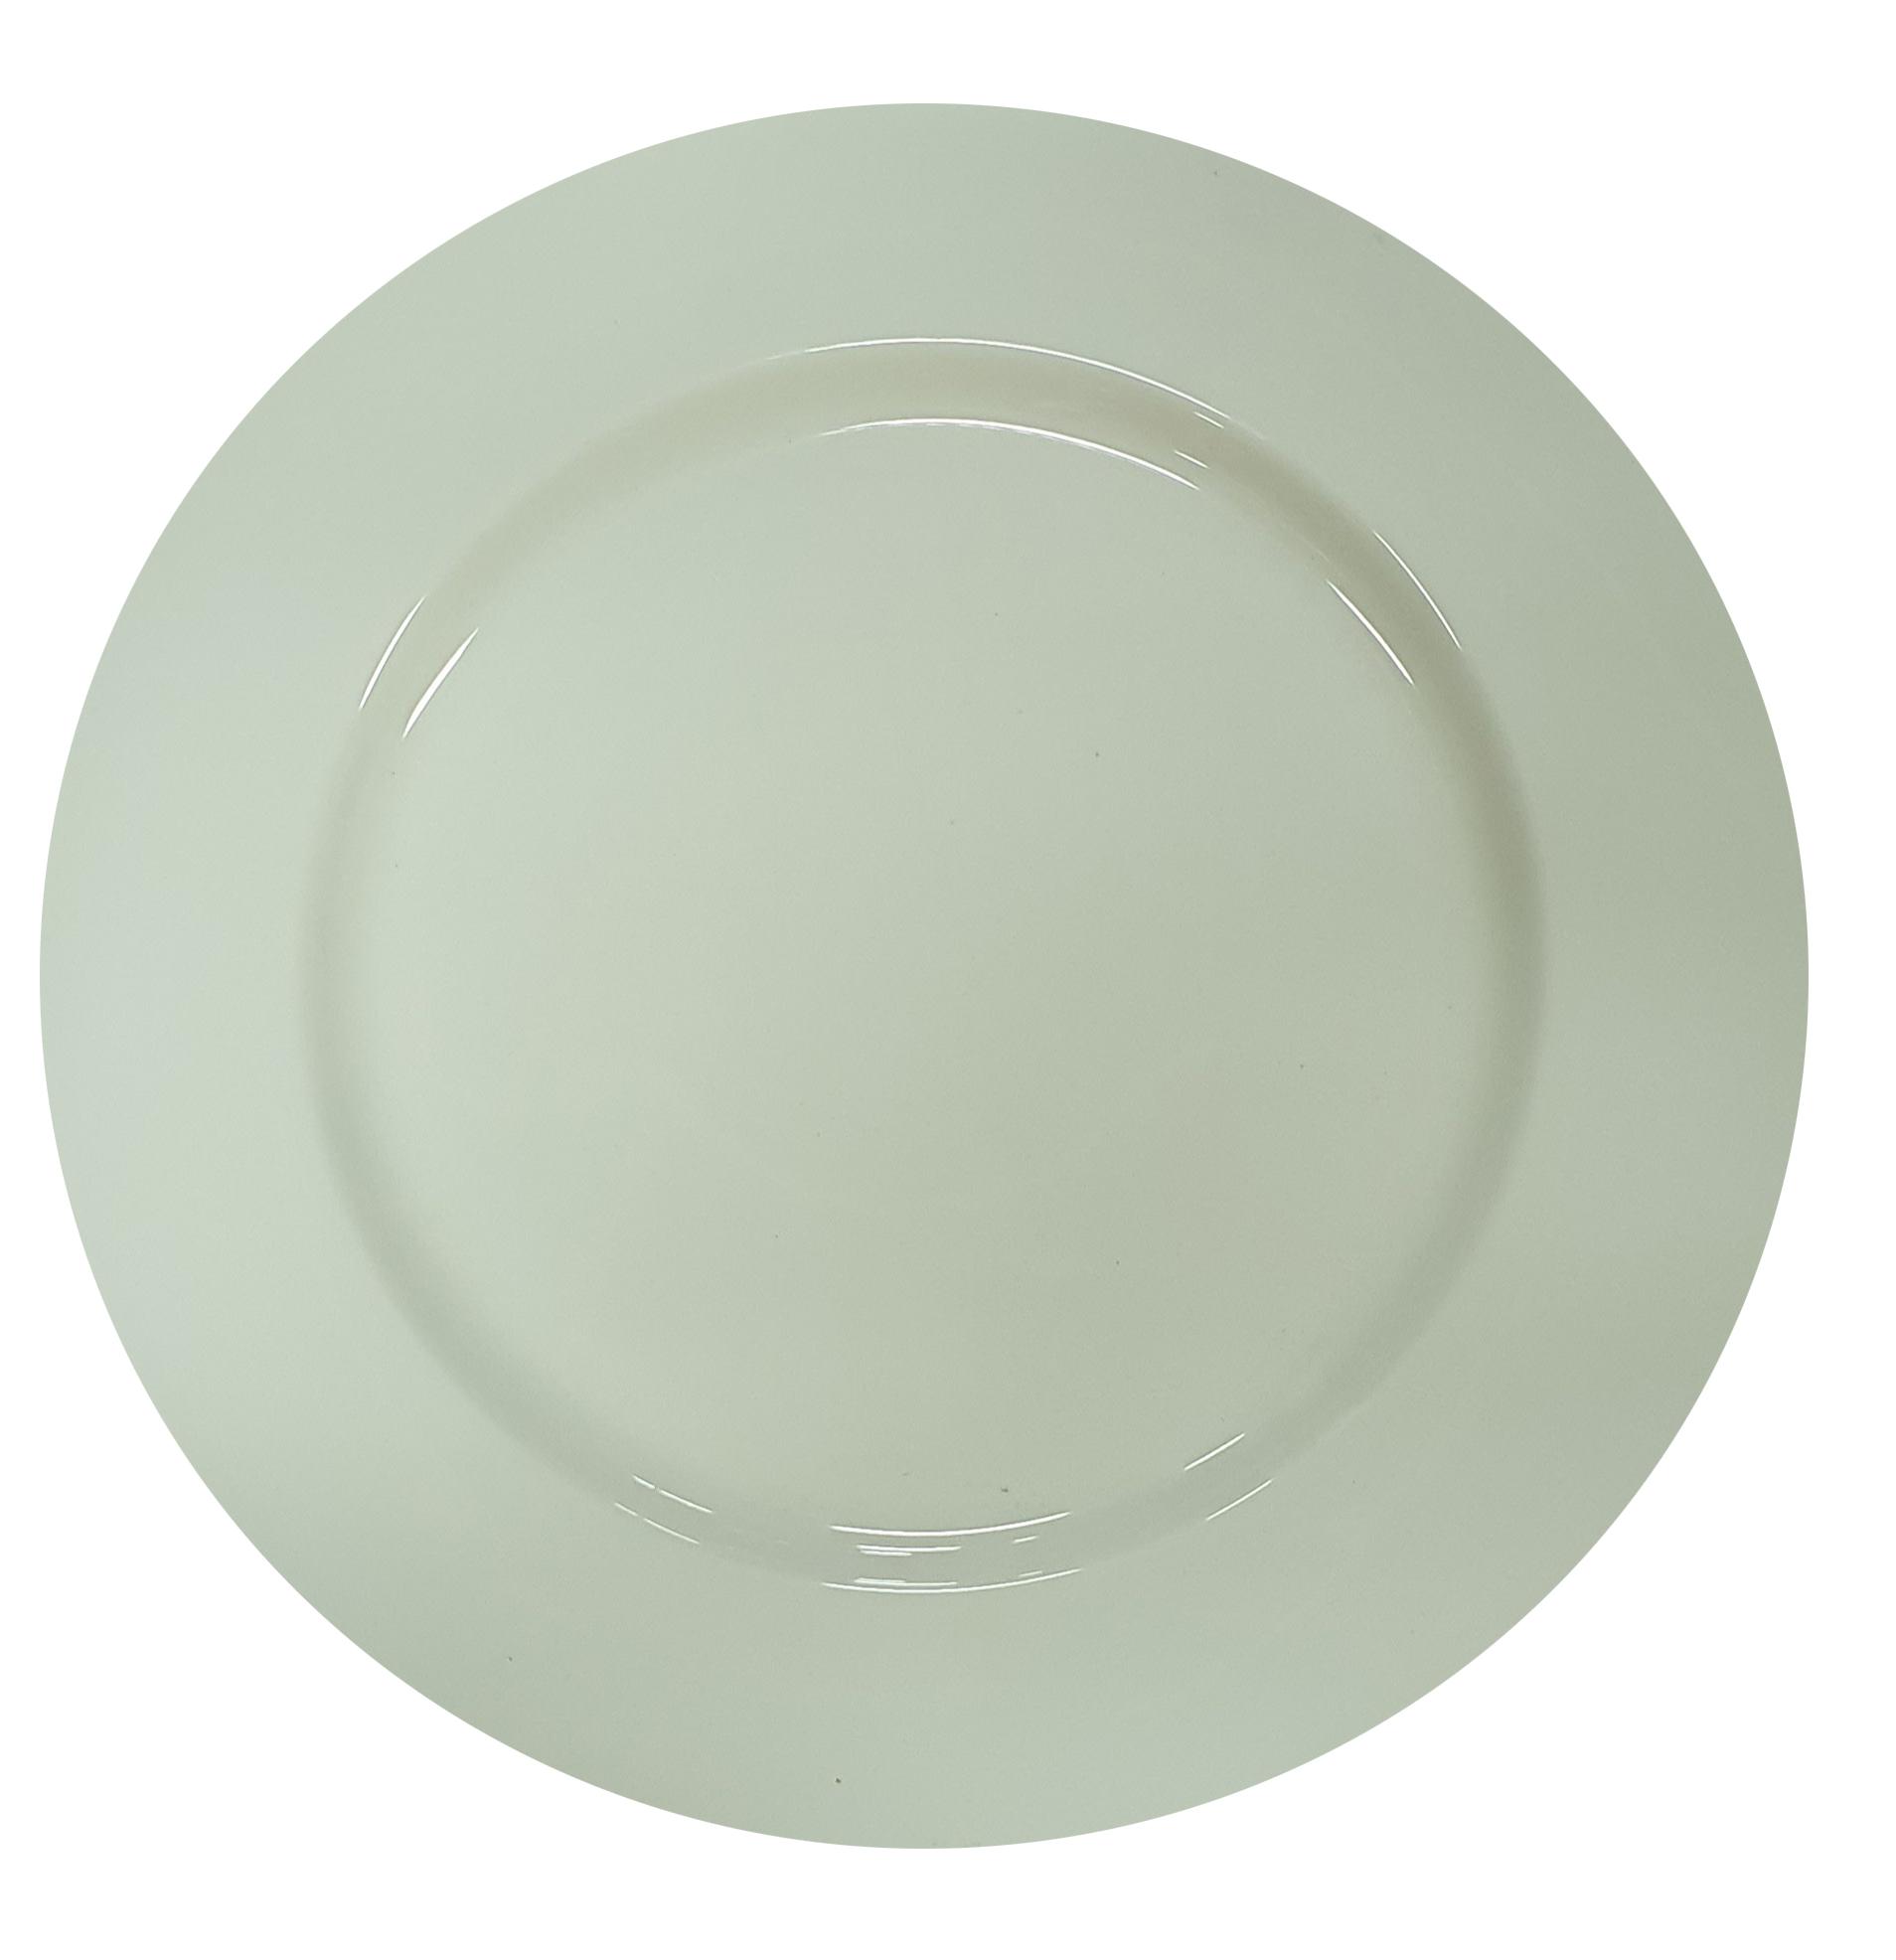 Round plate 29 cm